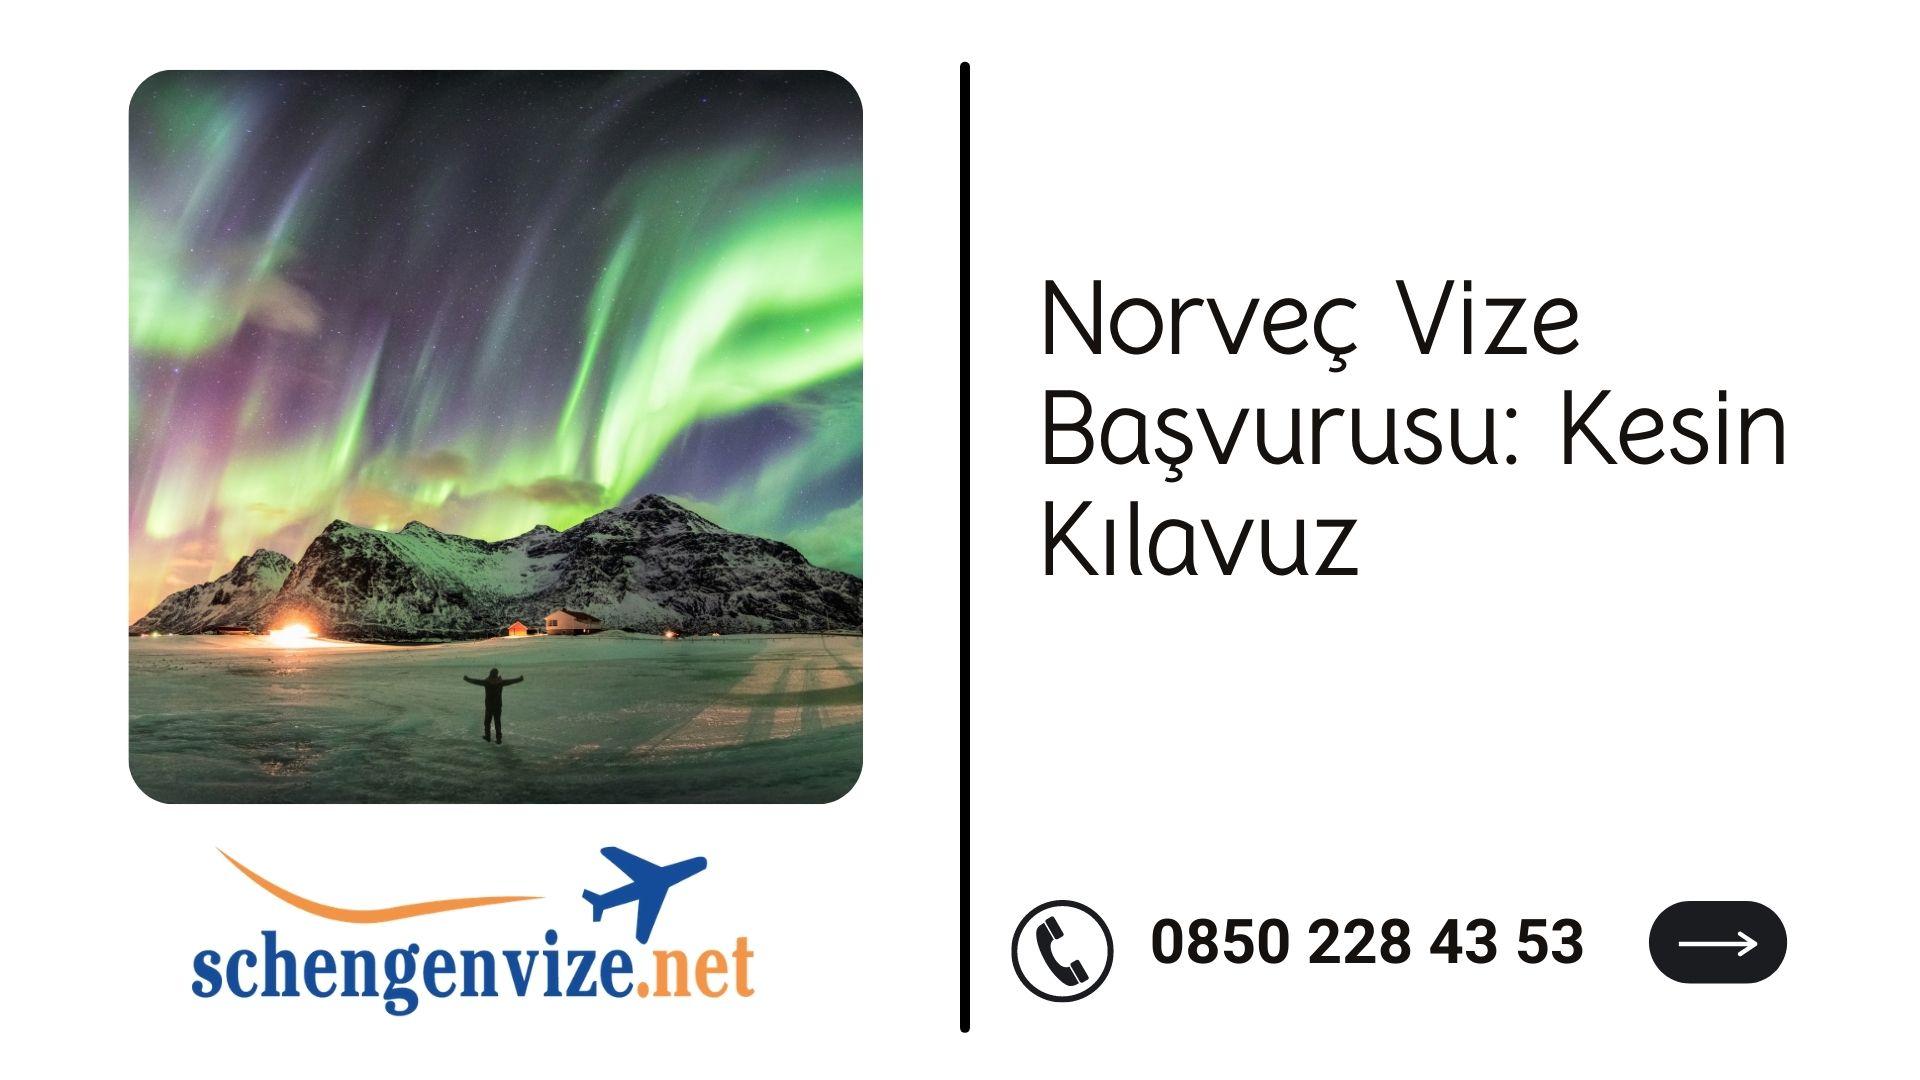 Norveç Vize Başvurusu: Kesin Kılavuz 2021